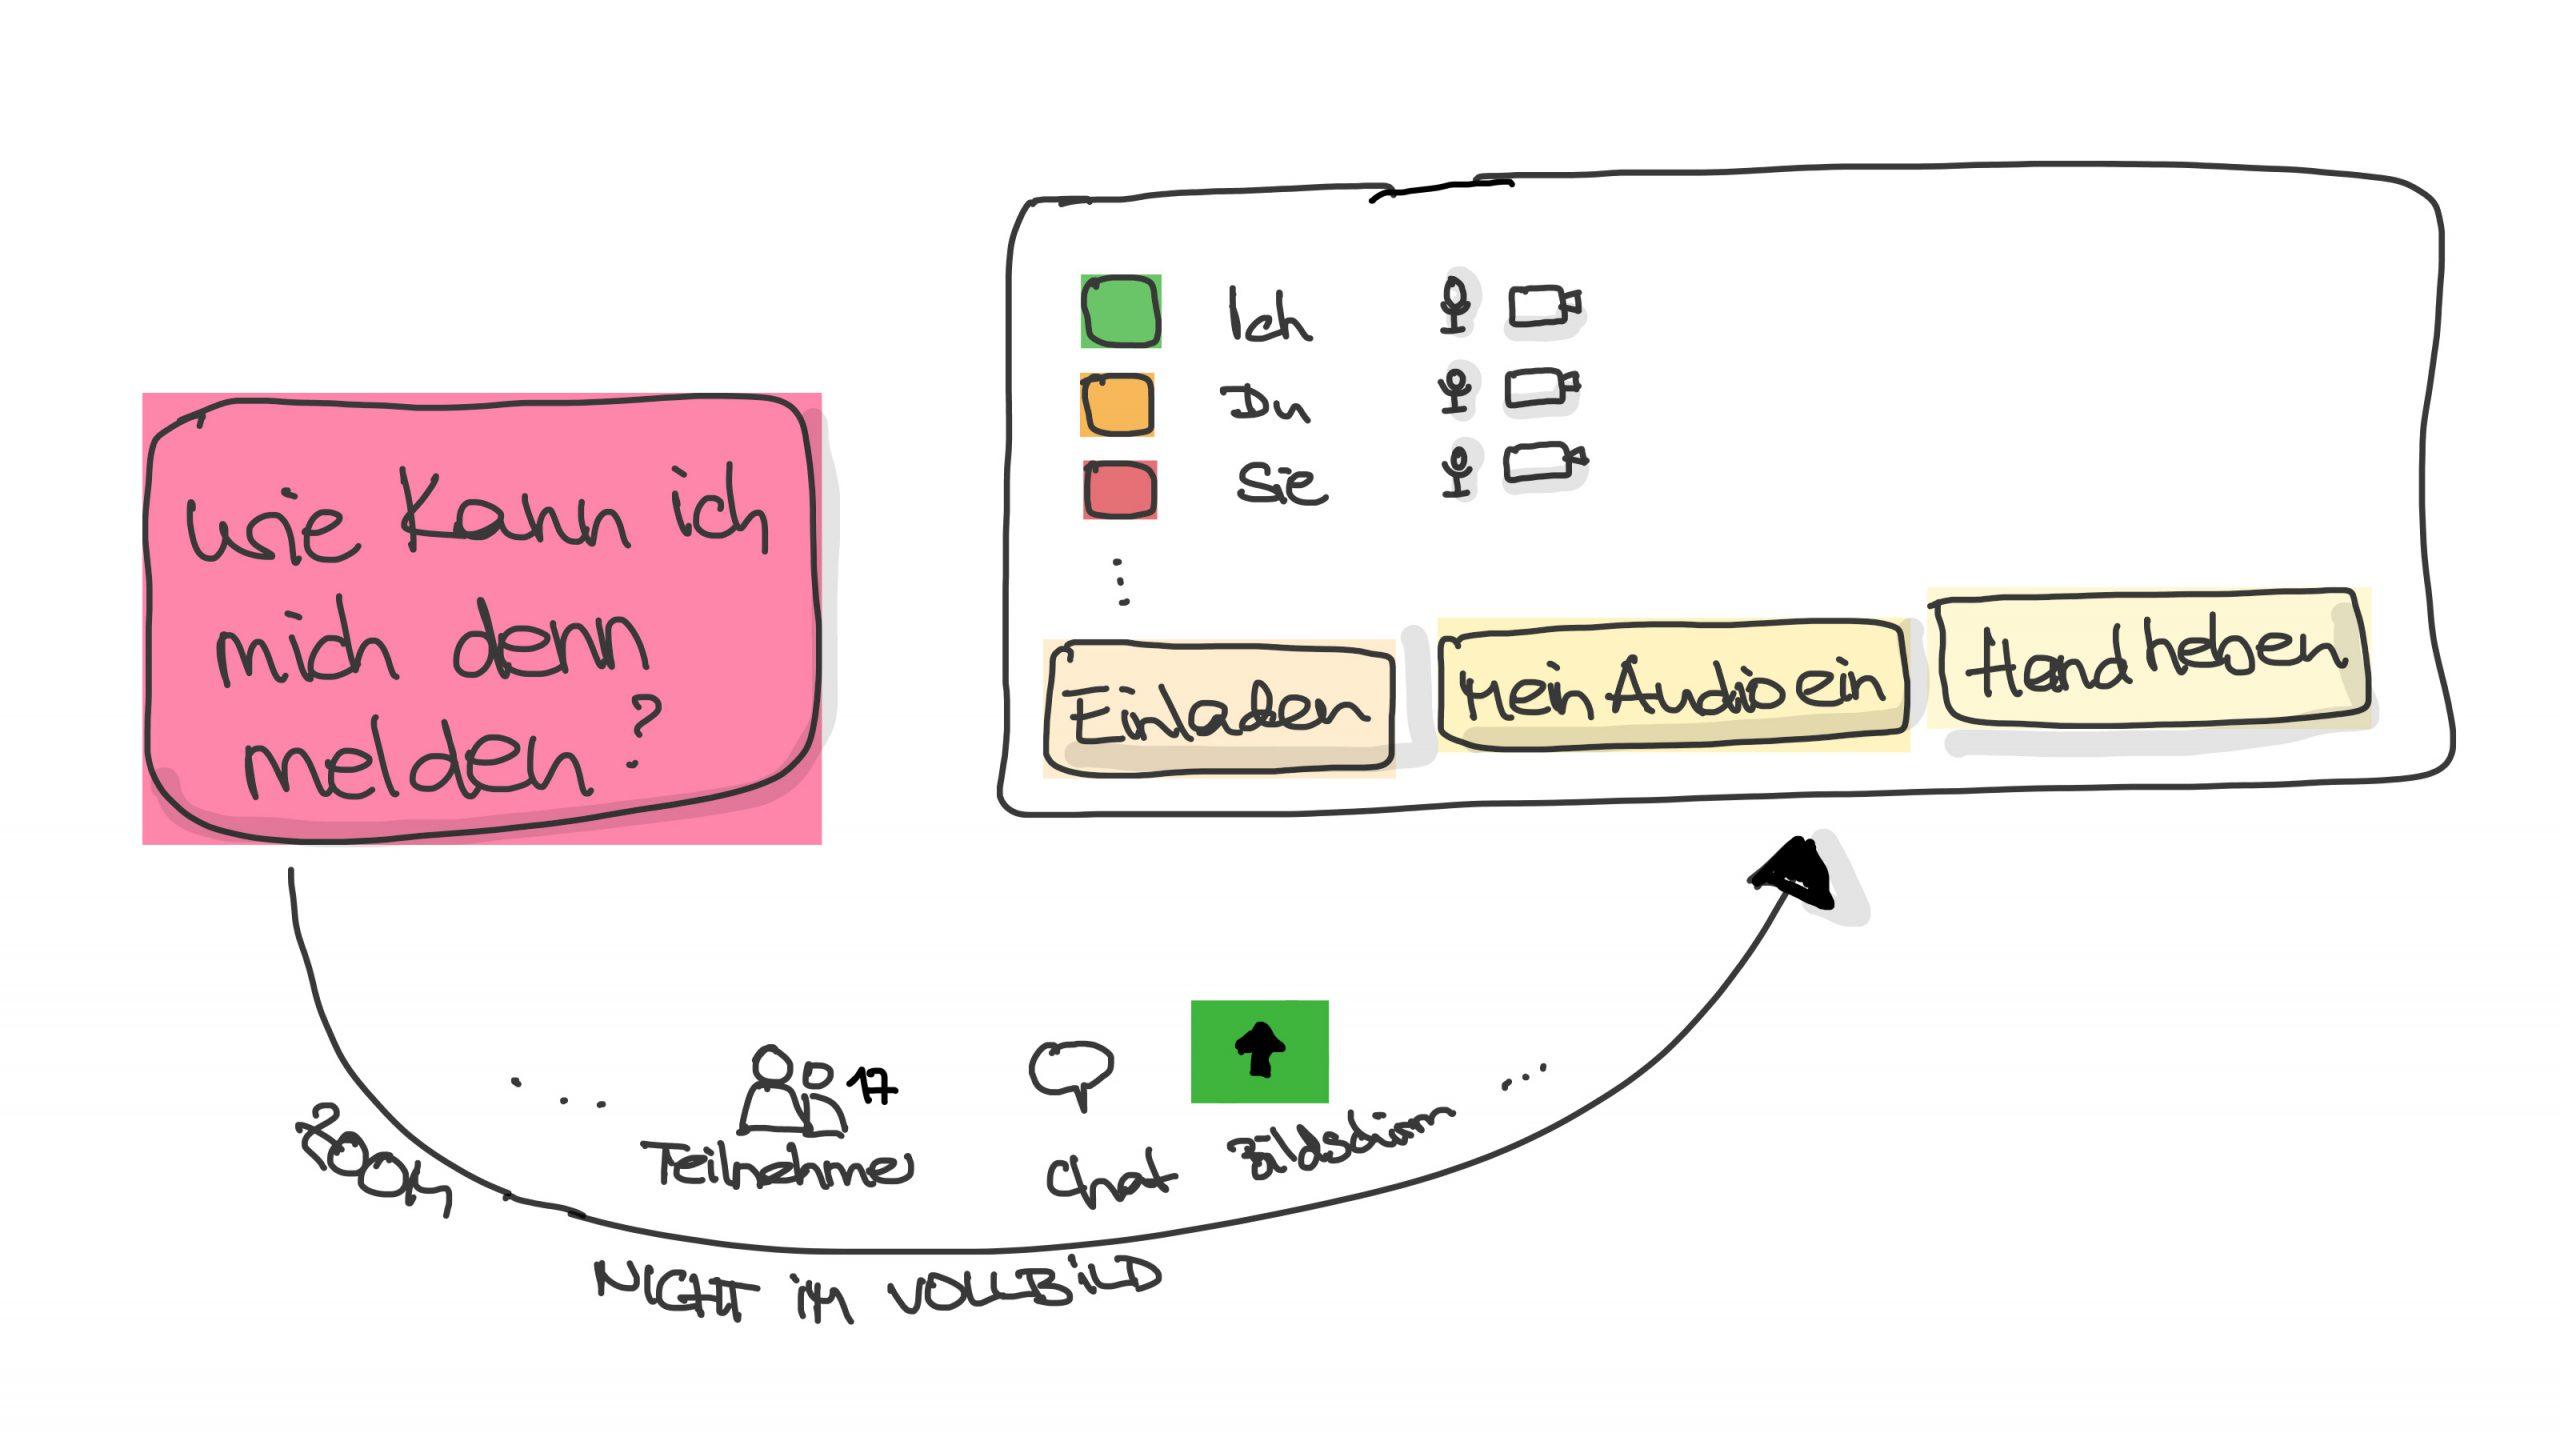 Onlinekonferenzen leicht gemacht. Porta: Bürokommunikation mit Sketchnotes (c) K. Schwahlen 2020